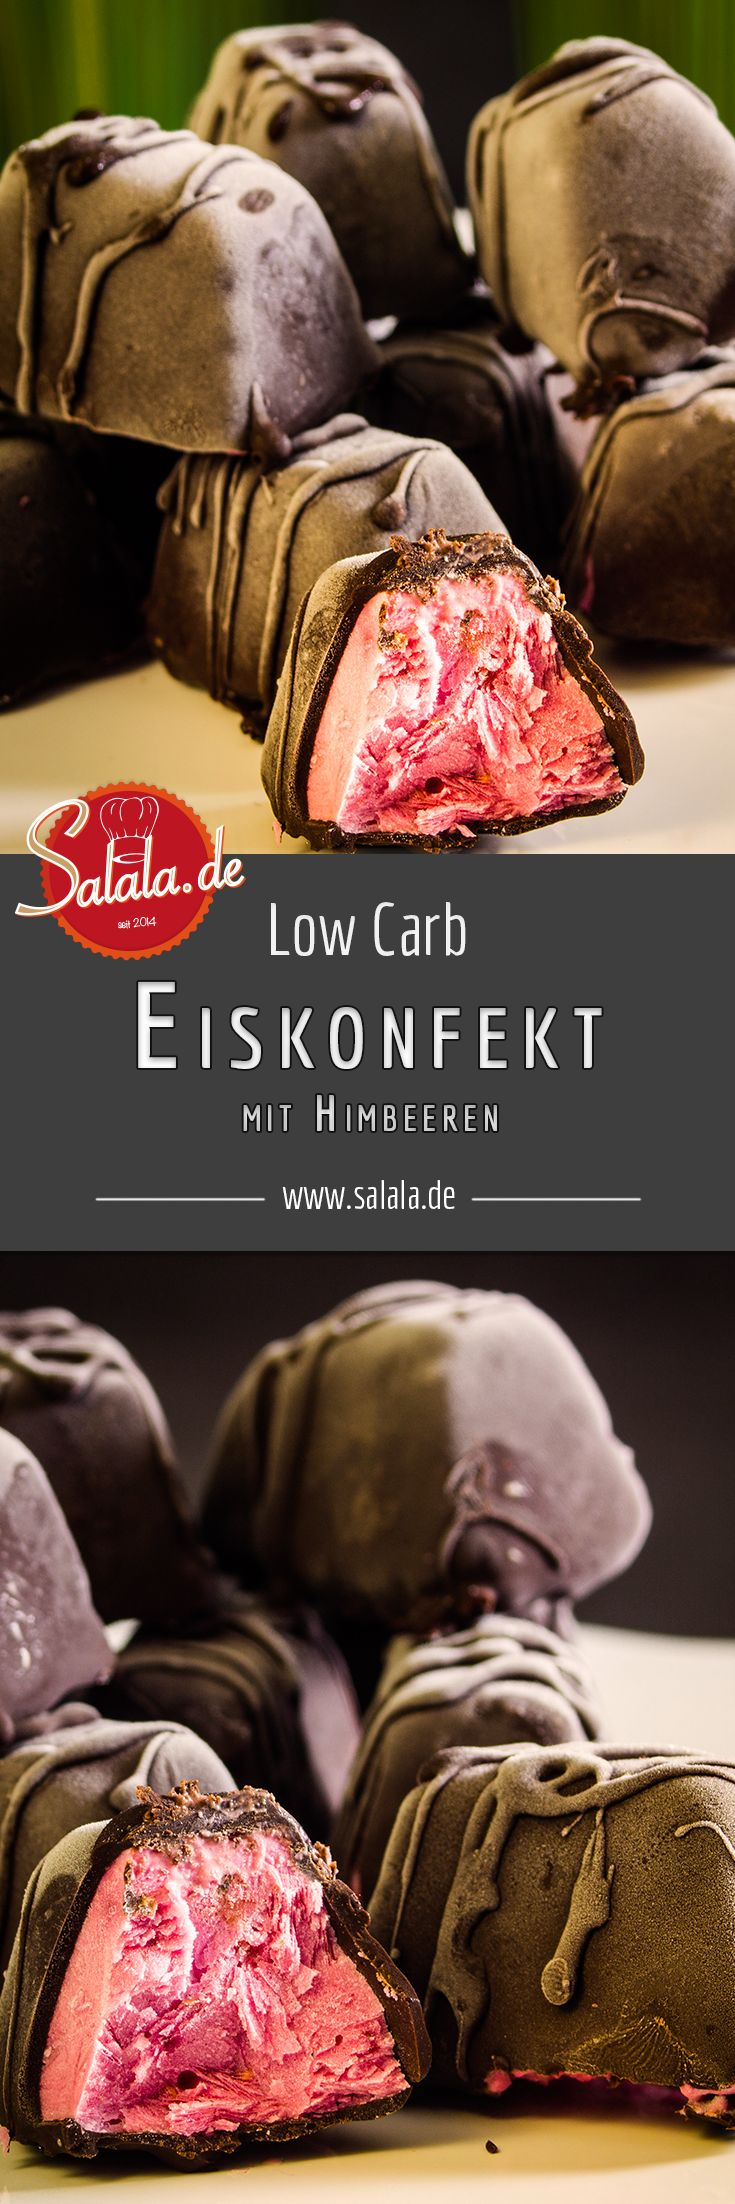 Eiskonfekt Eispralinen low carb glutenfrei